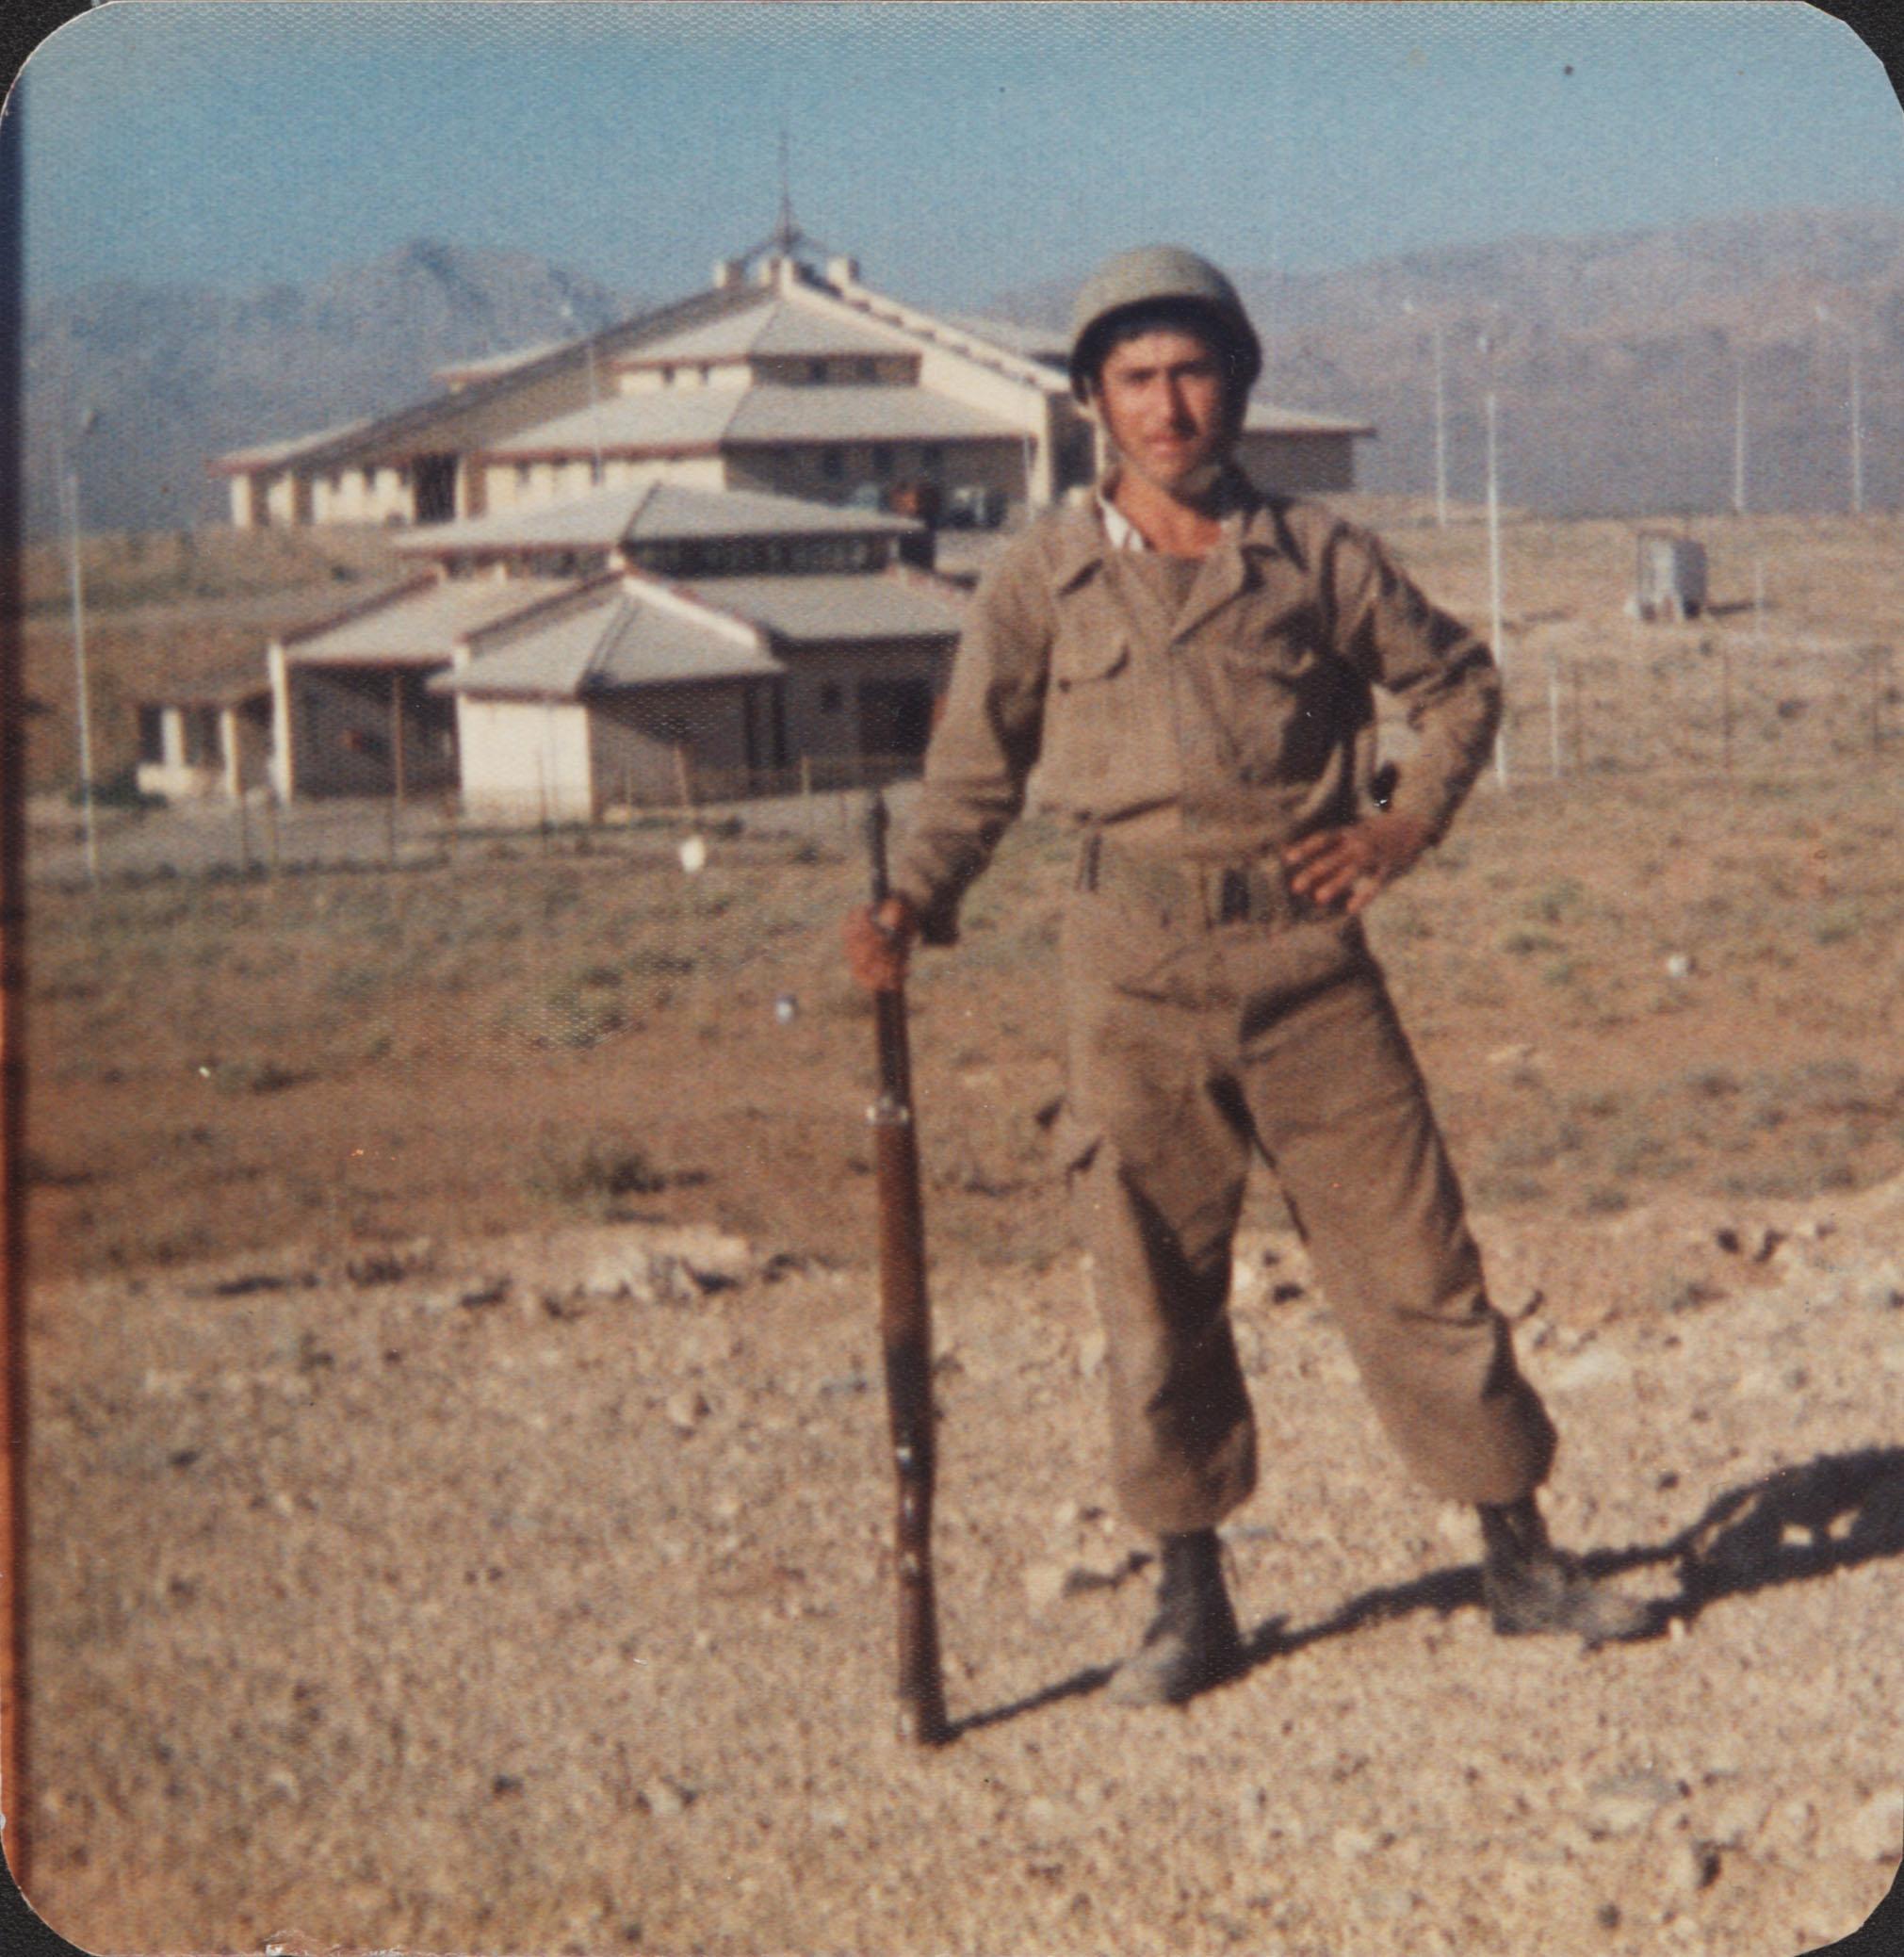 عباس علی رحیمی نصرآبادی